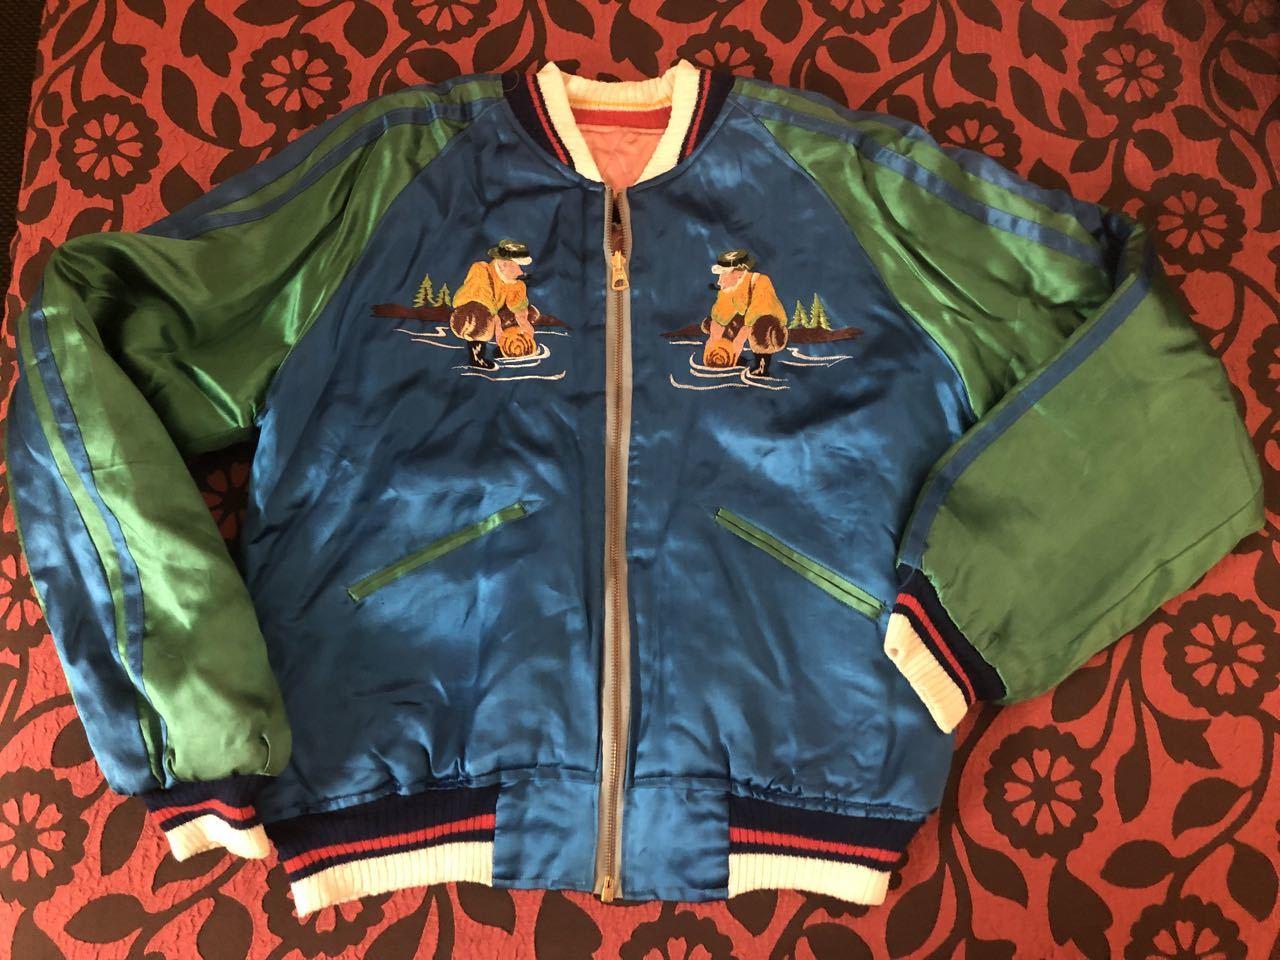 アメリカ仕入れ情報#51 50s ALASKA SOUVENIR ジャケット スカジャン!_c0144020_10015591.jpg